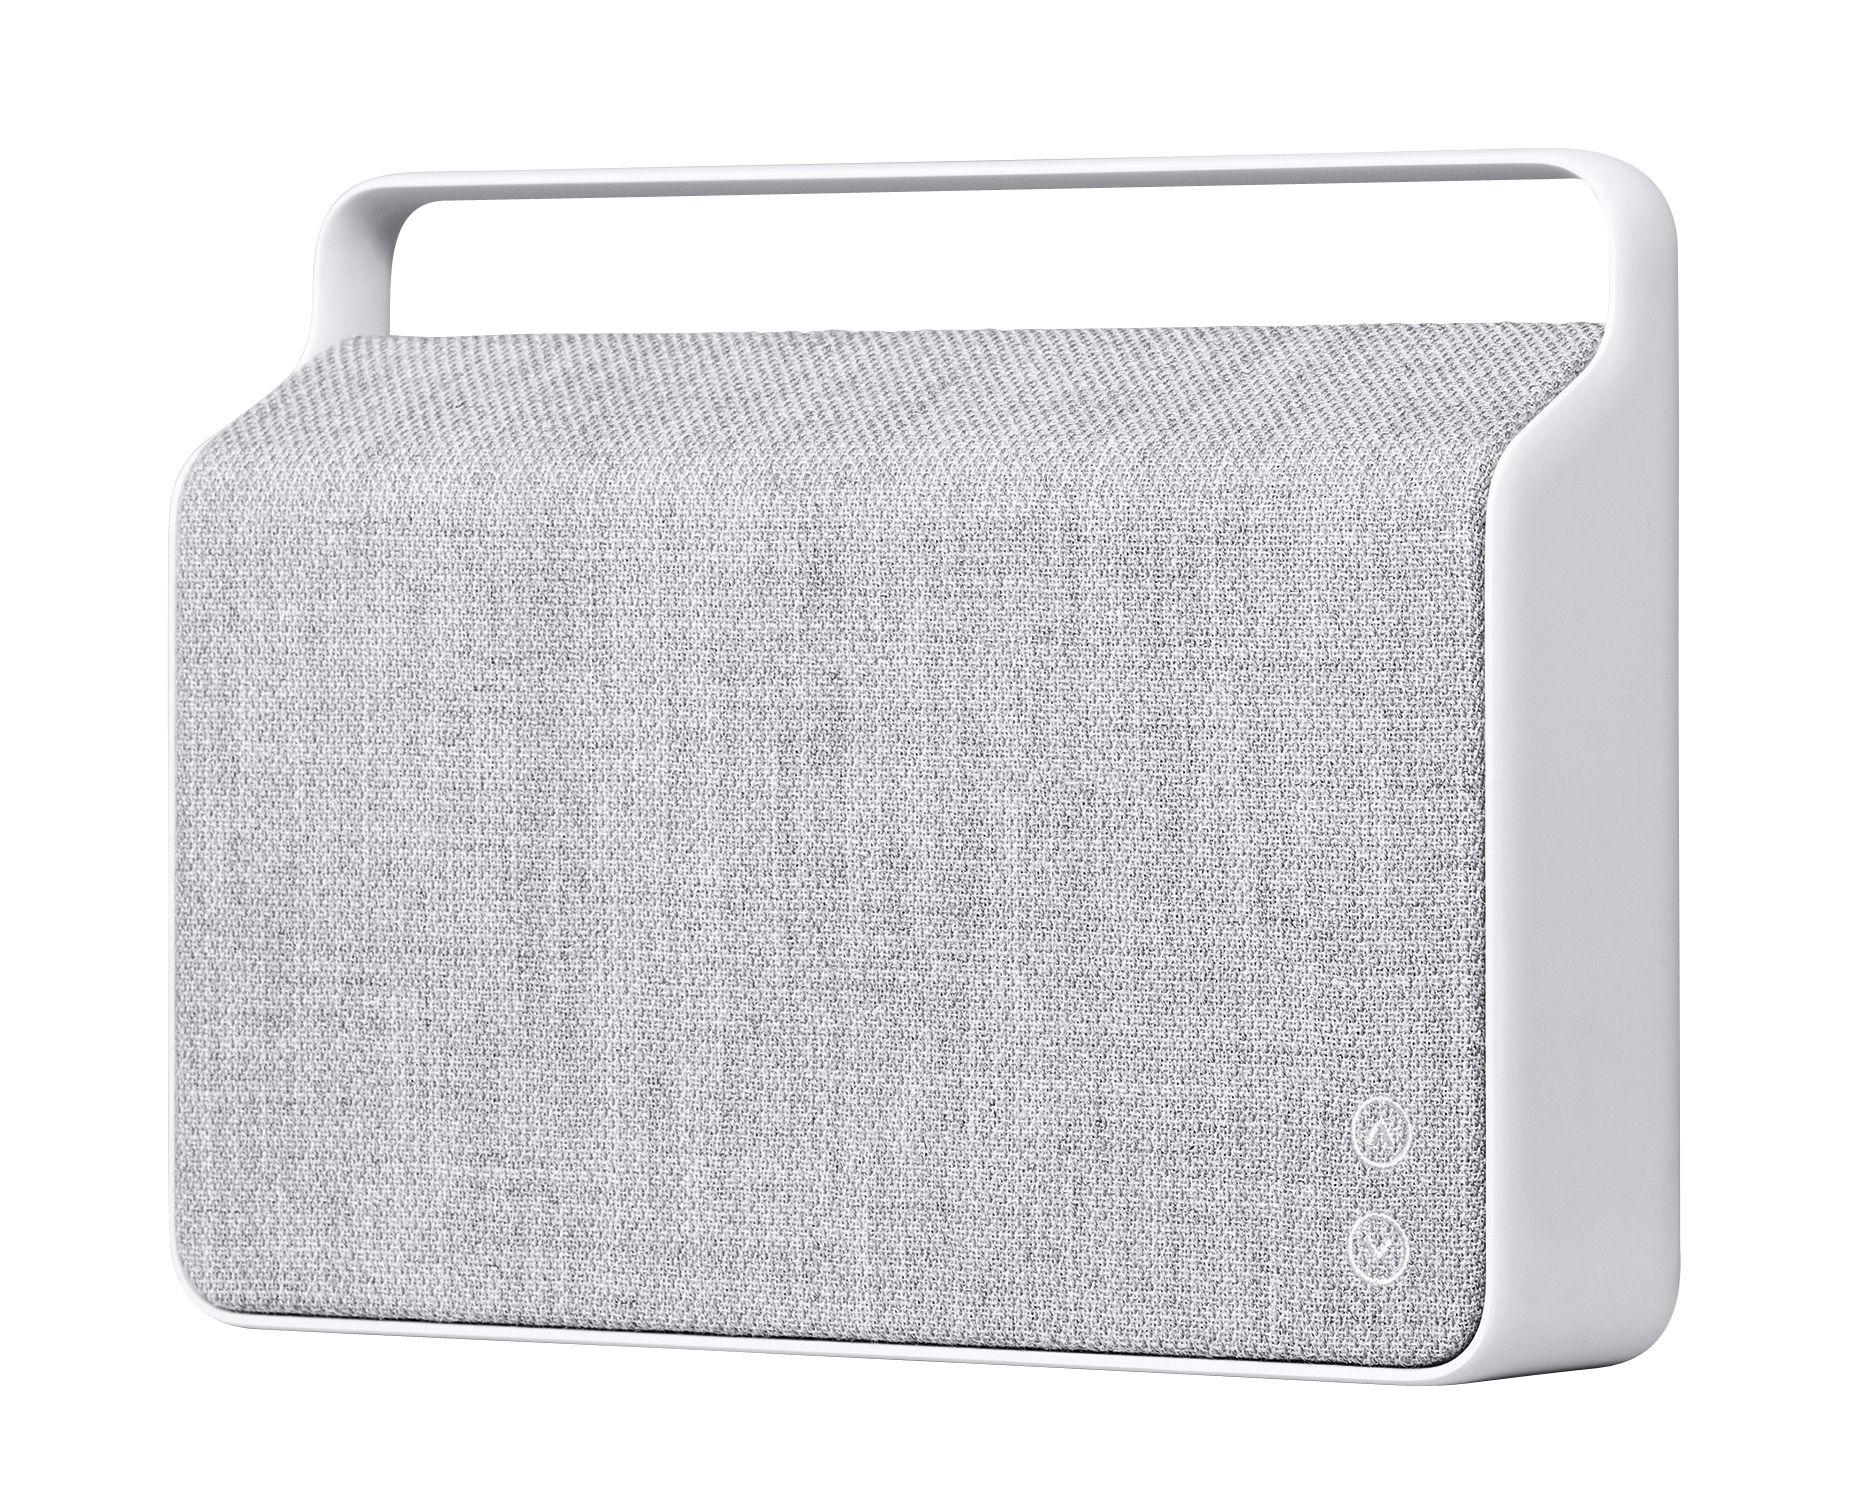 Accessori moda - Altoparlante & suono - Diffusore bluetooth Copenhague - / Senza fili - Tessuto & manico in alluminio di Vifa - Grigio selce - Alluminio, Tessuto Kvadrat